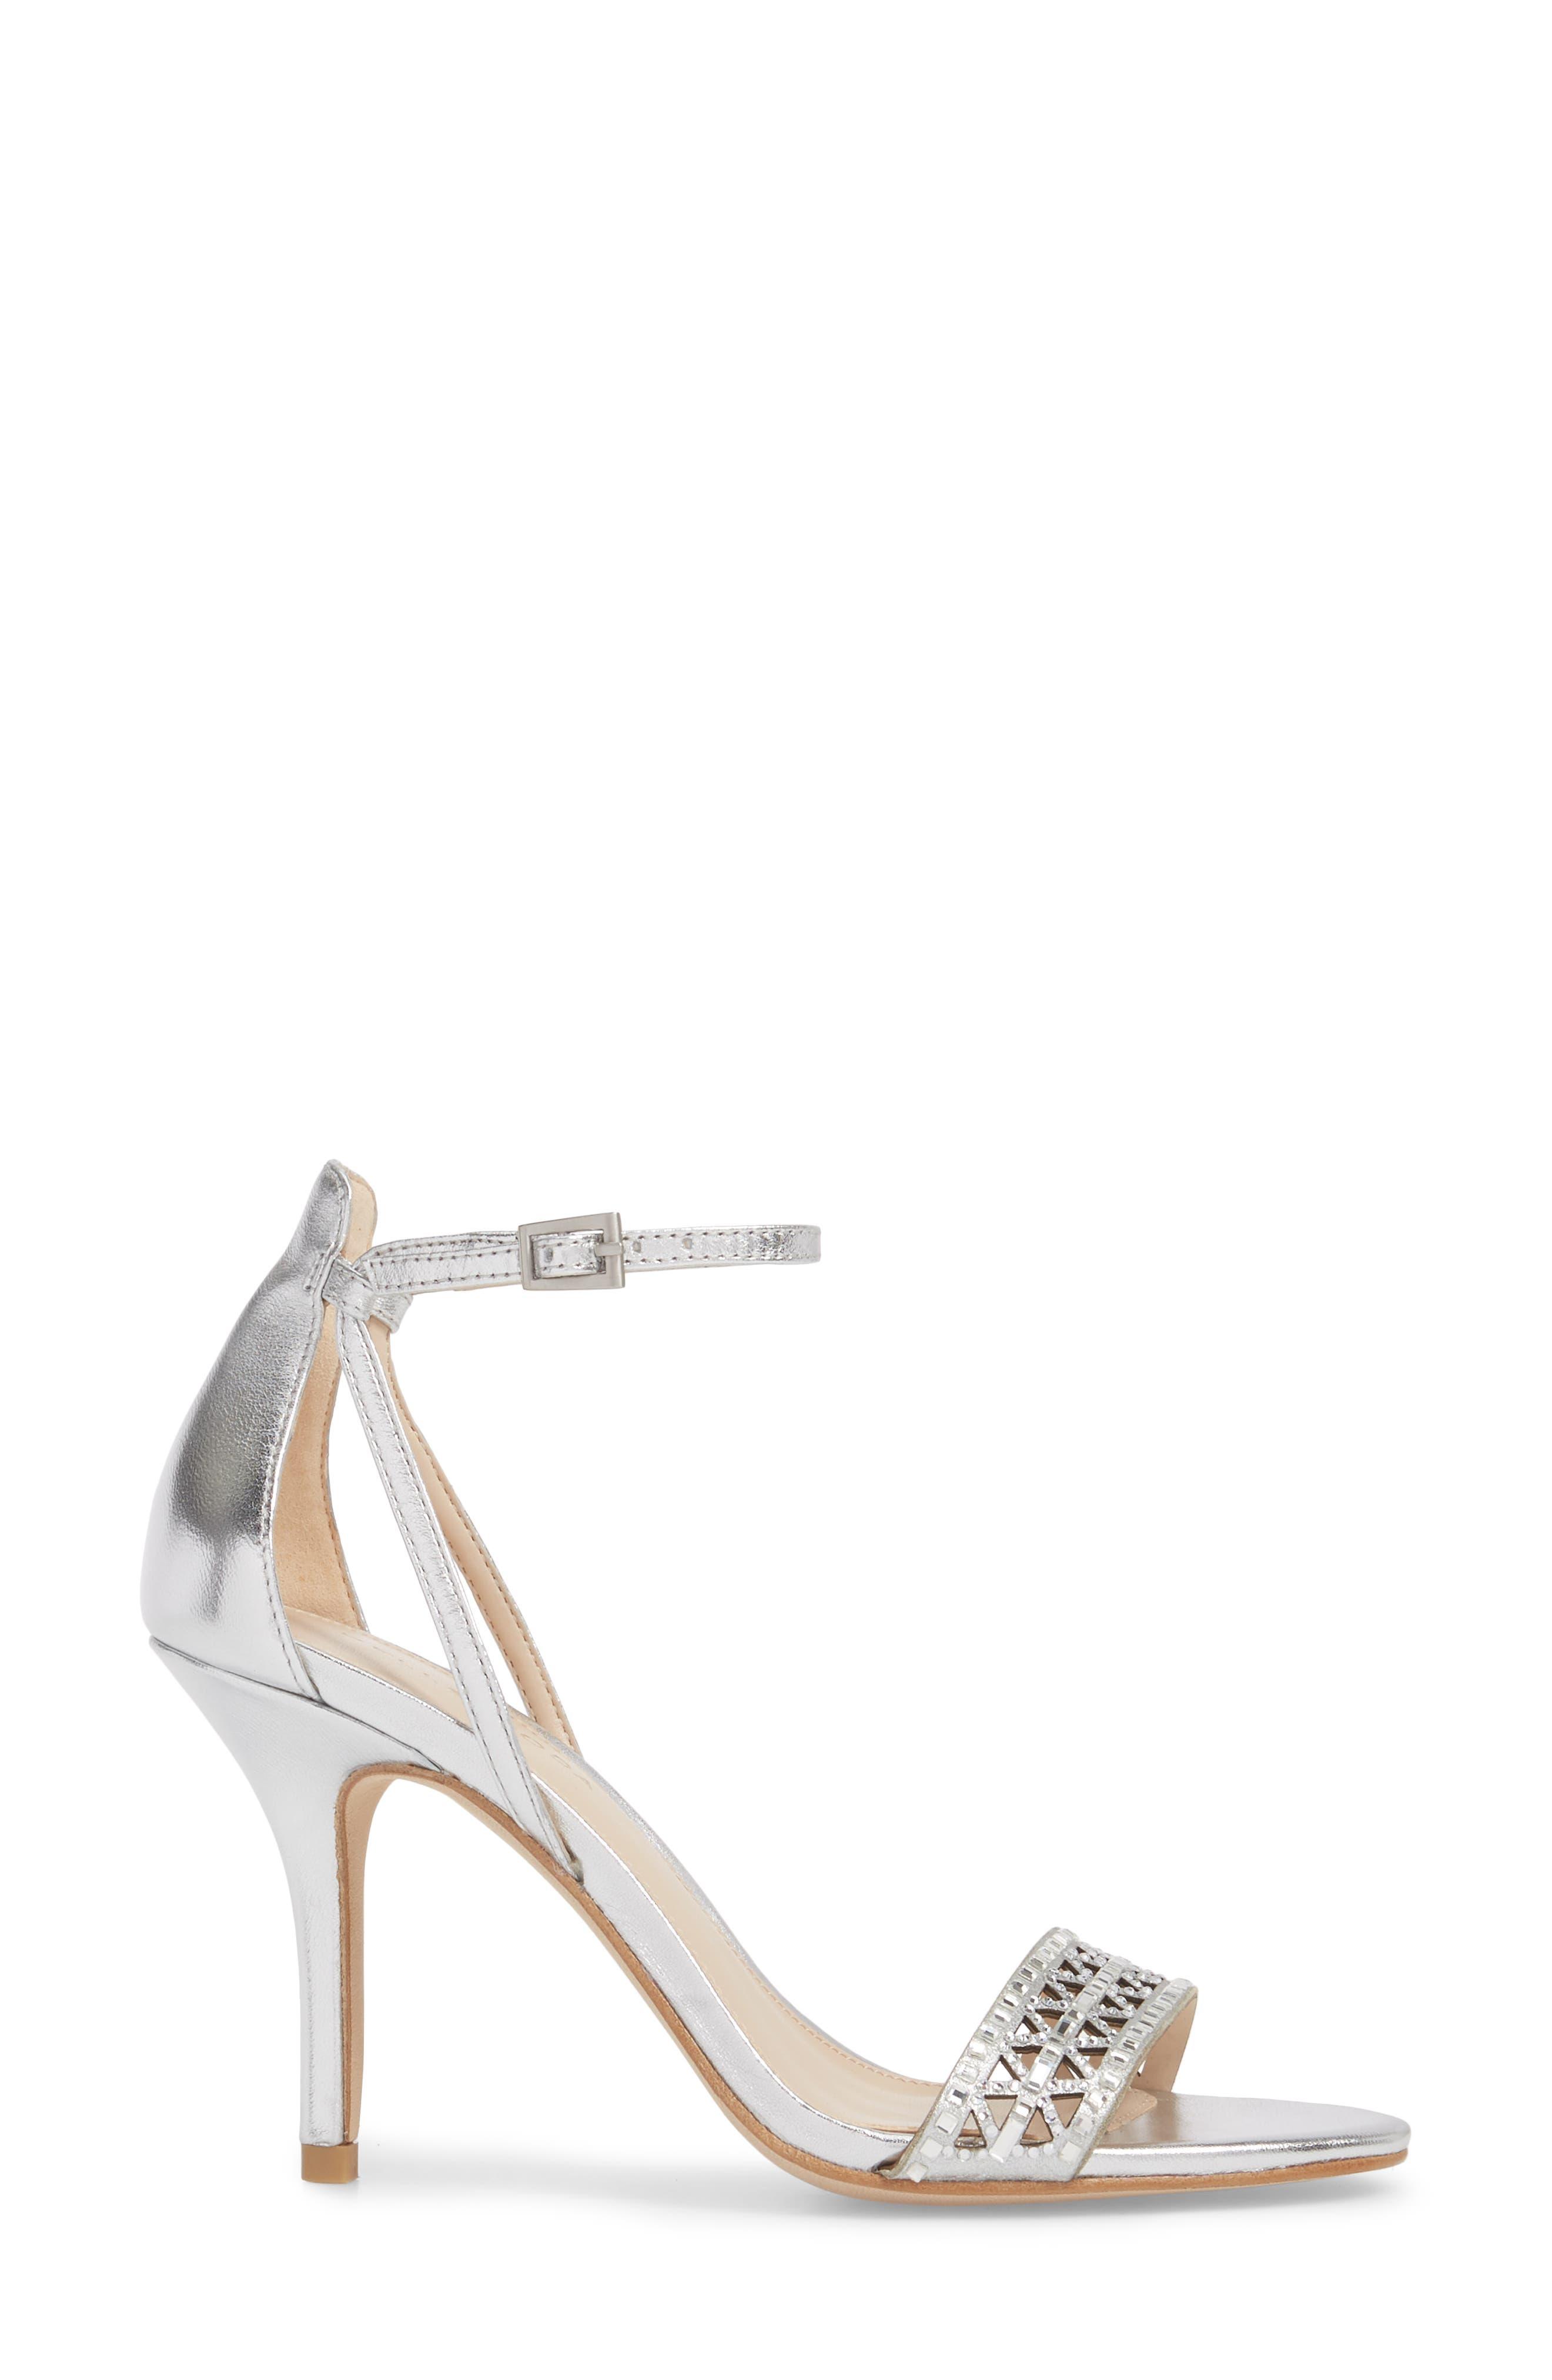 Karmina Embellished Sandal,                             Alternate thumbnail 3, color,                             Silver Leather